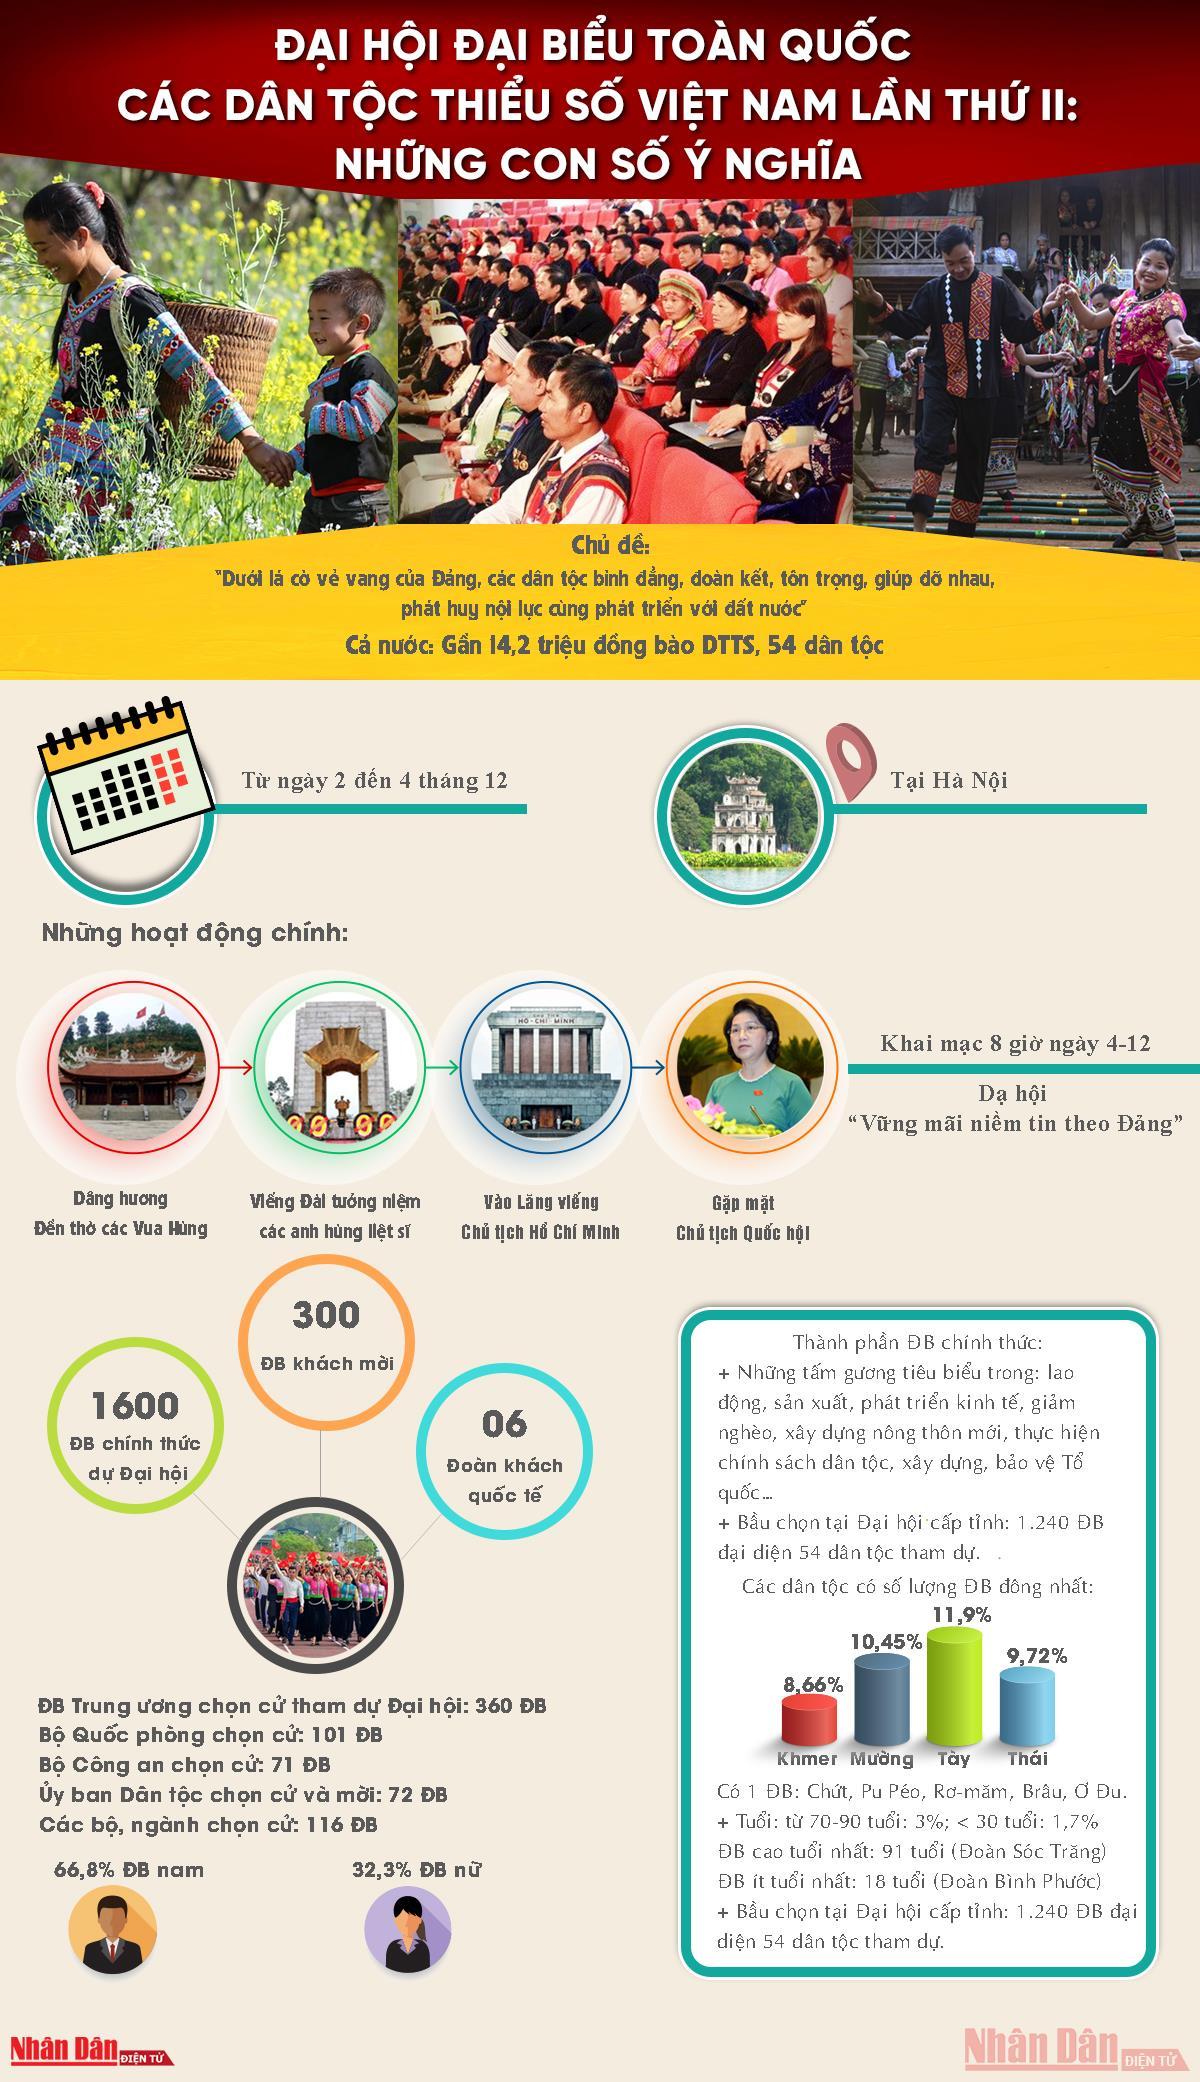 [Infographic] Đại hội đại biểu toàn quốc các dân tộc thiểu số Việt Nam lần thứ II: Những con số ý nghĩa -0